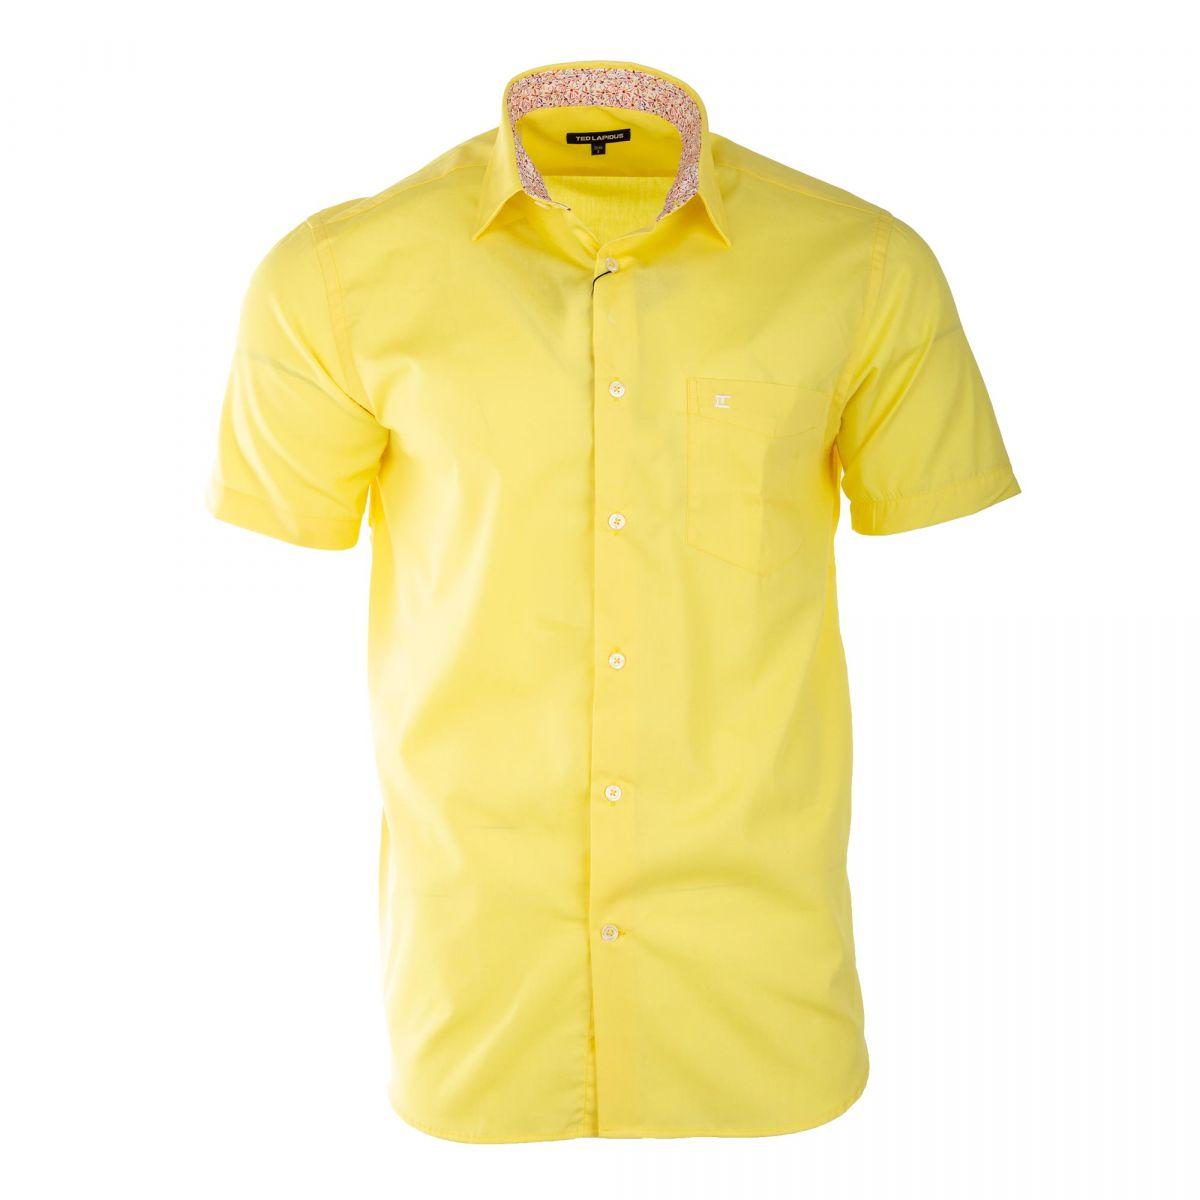 c62a9e48145 Chemise jaune manches courtes homme TED LAPIDUS marque pas cher prix  dégriffés destockage ...